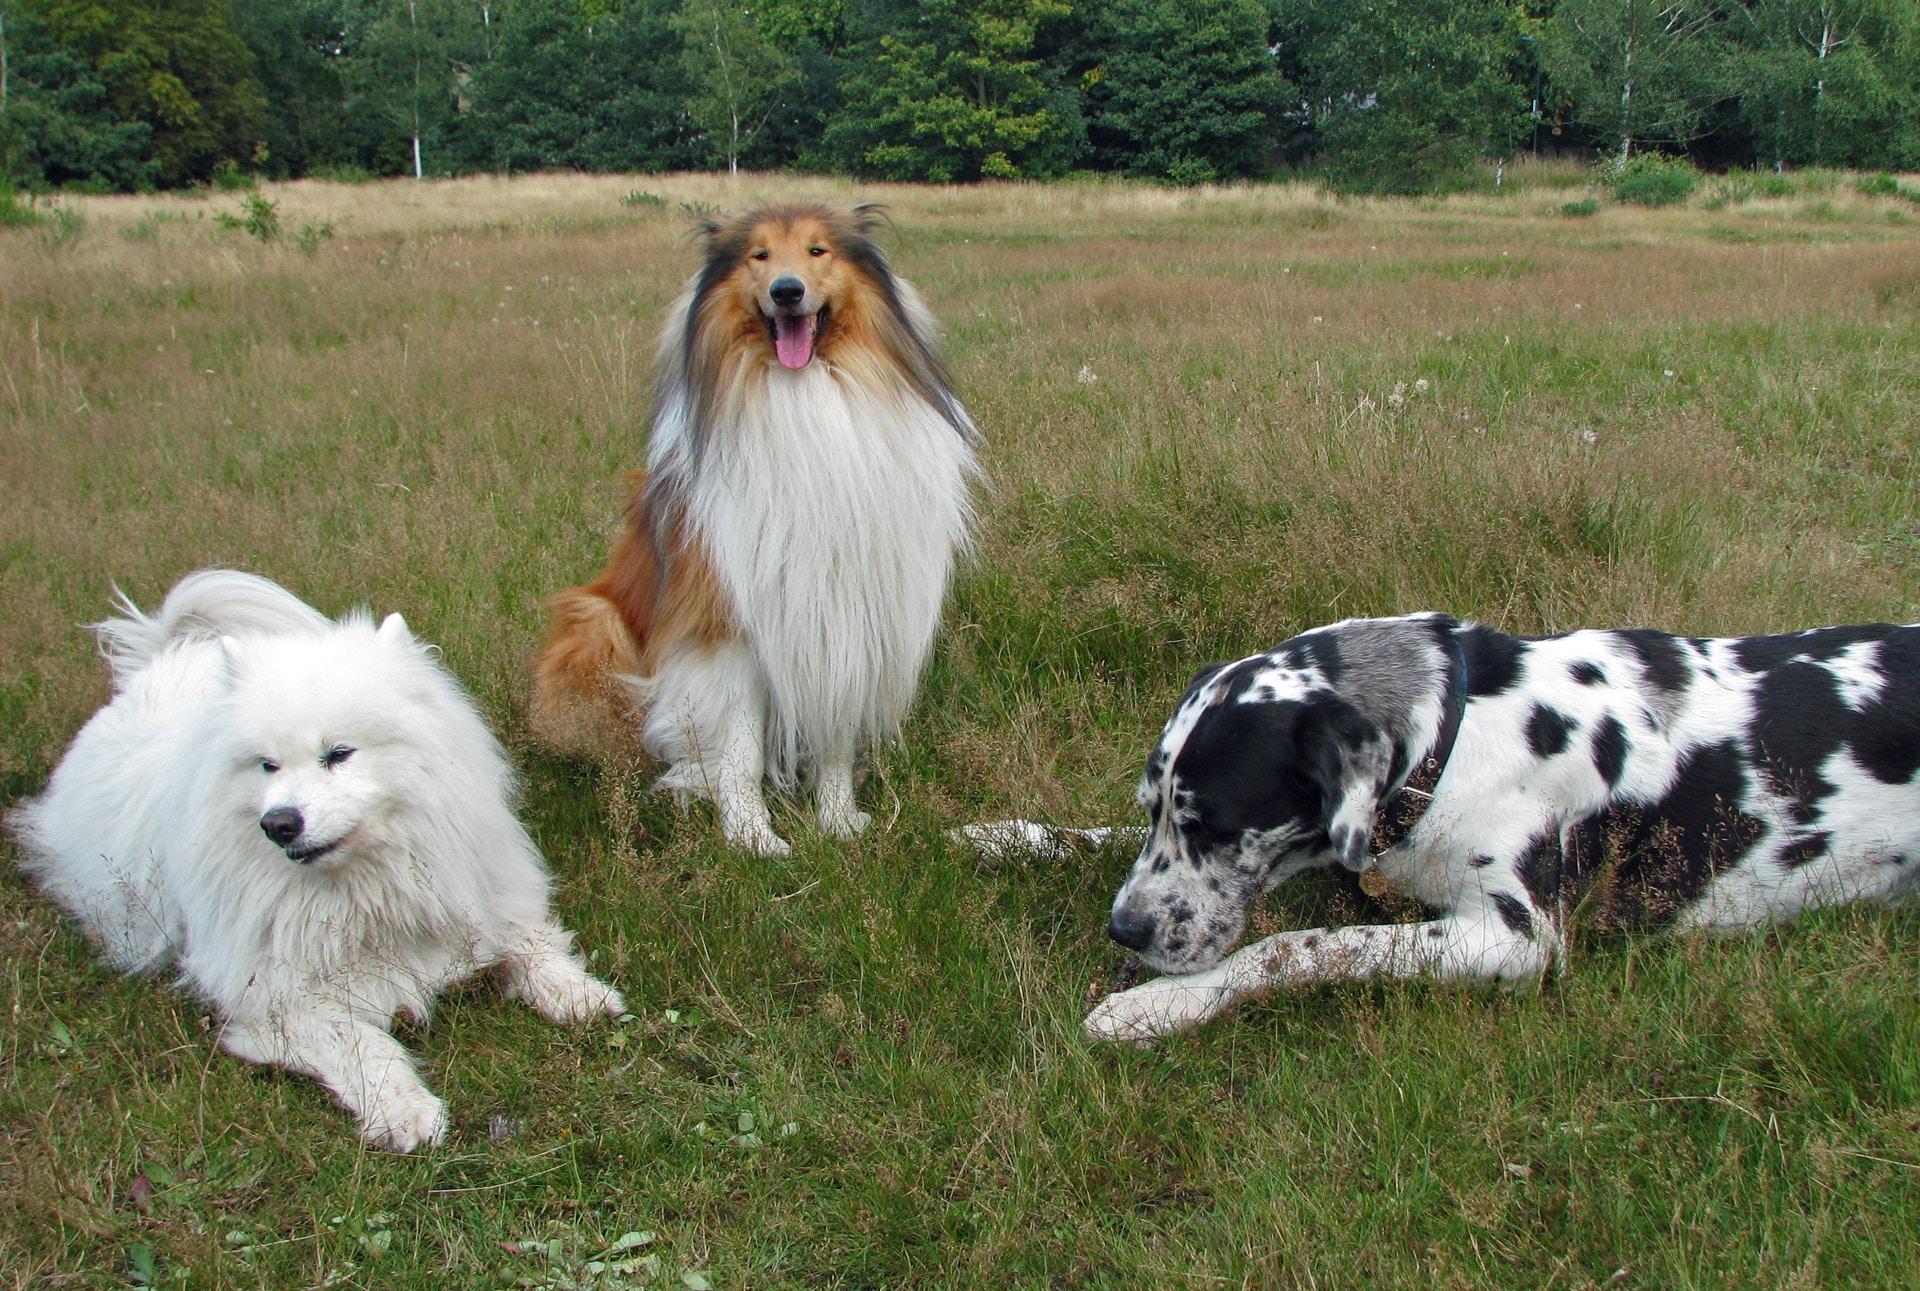 Los perros han evolucionado para ser animales sociales